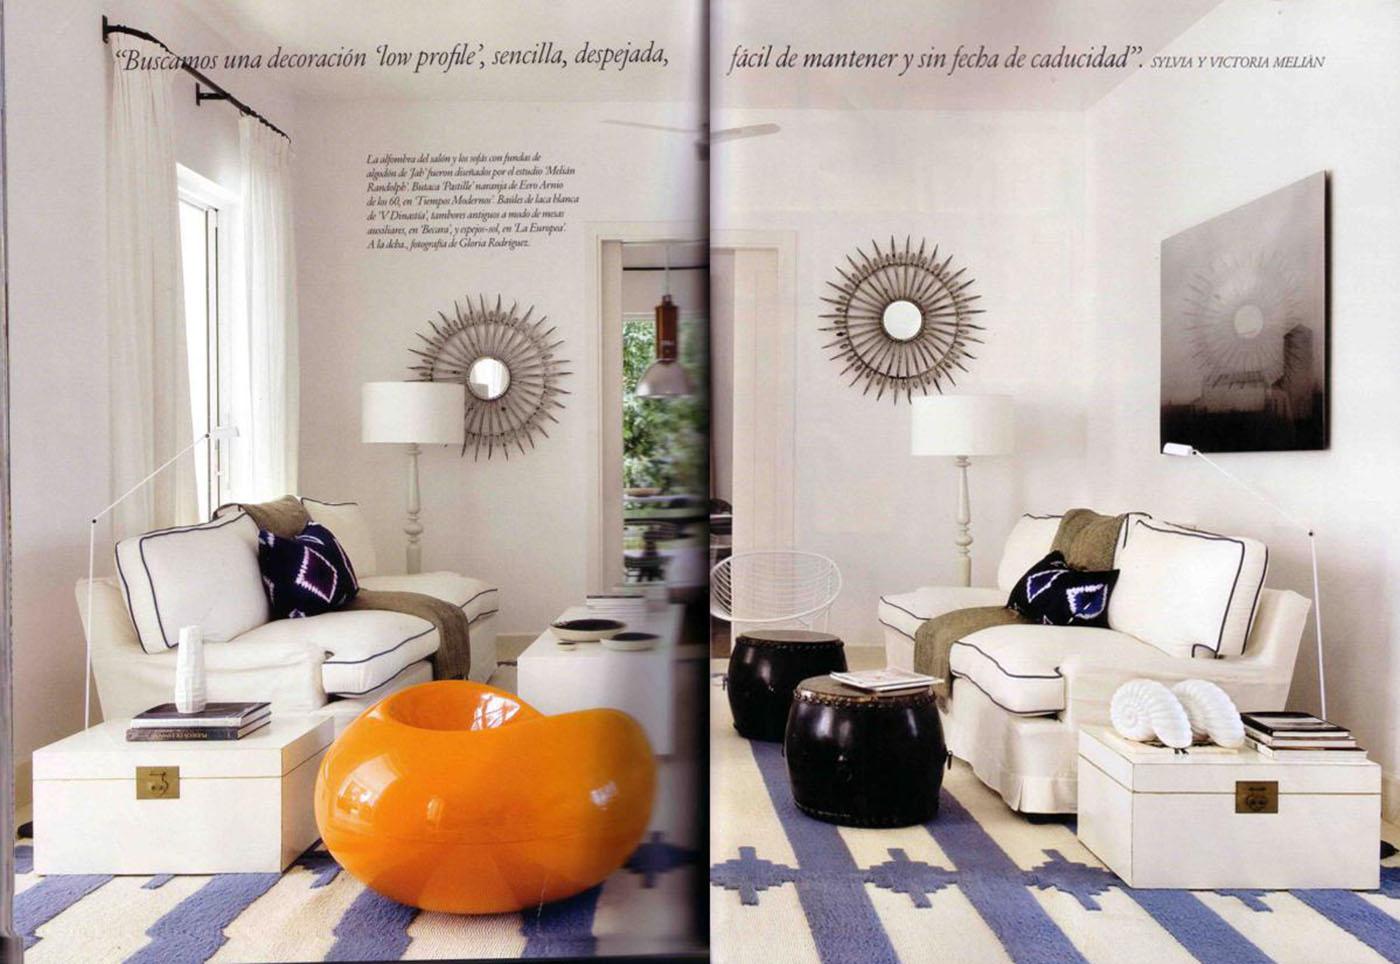 revista-ad-melian_randolph-julio_agosto-2011-3